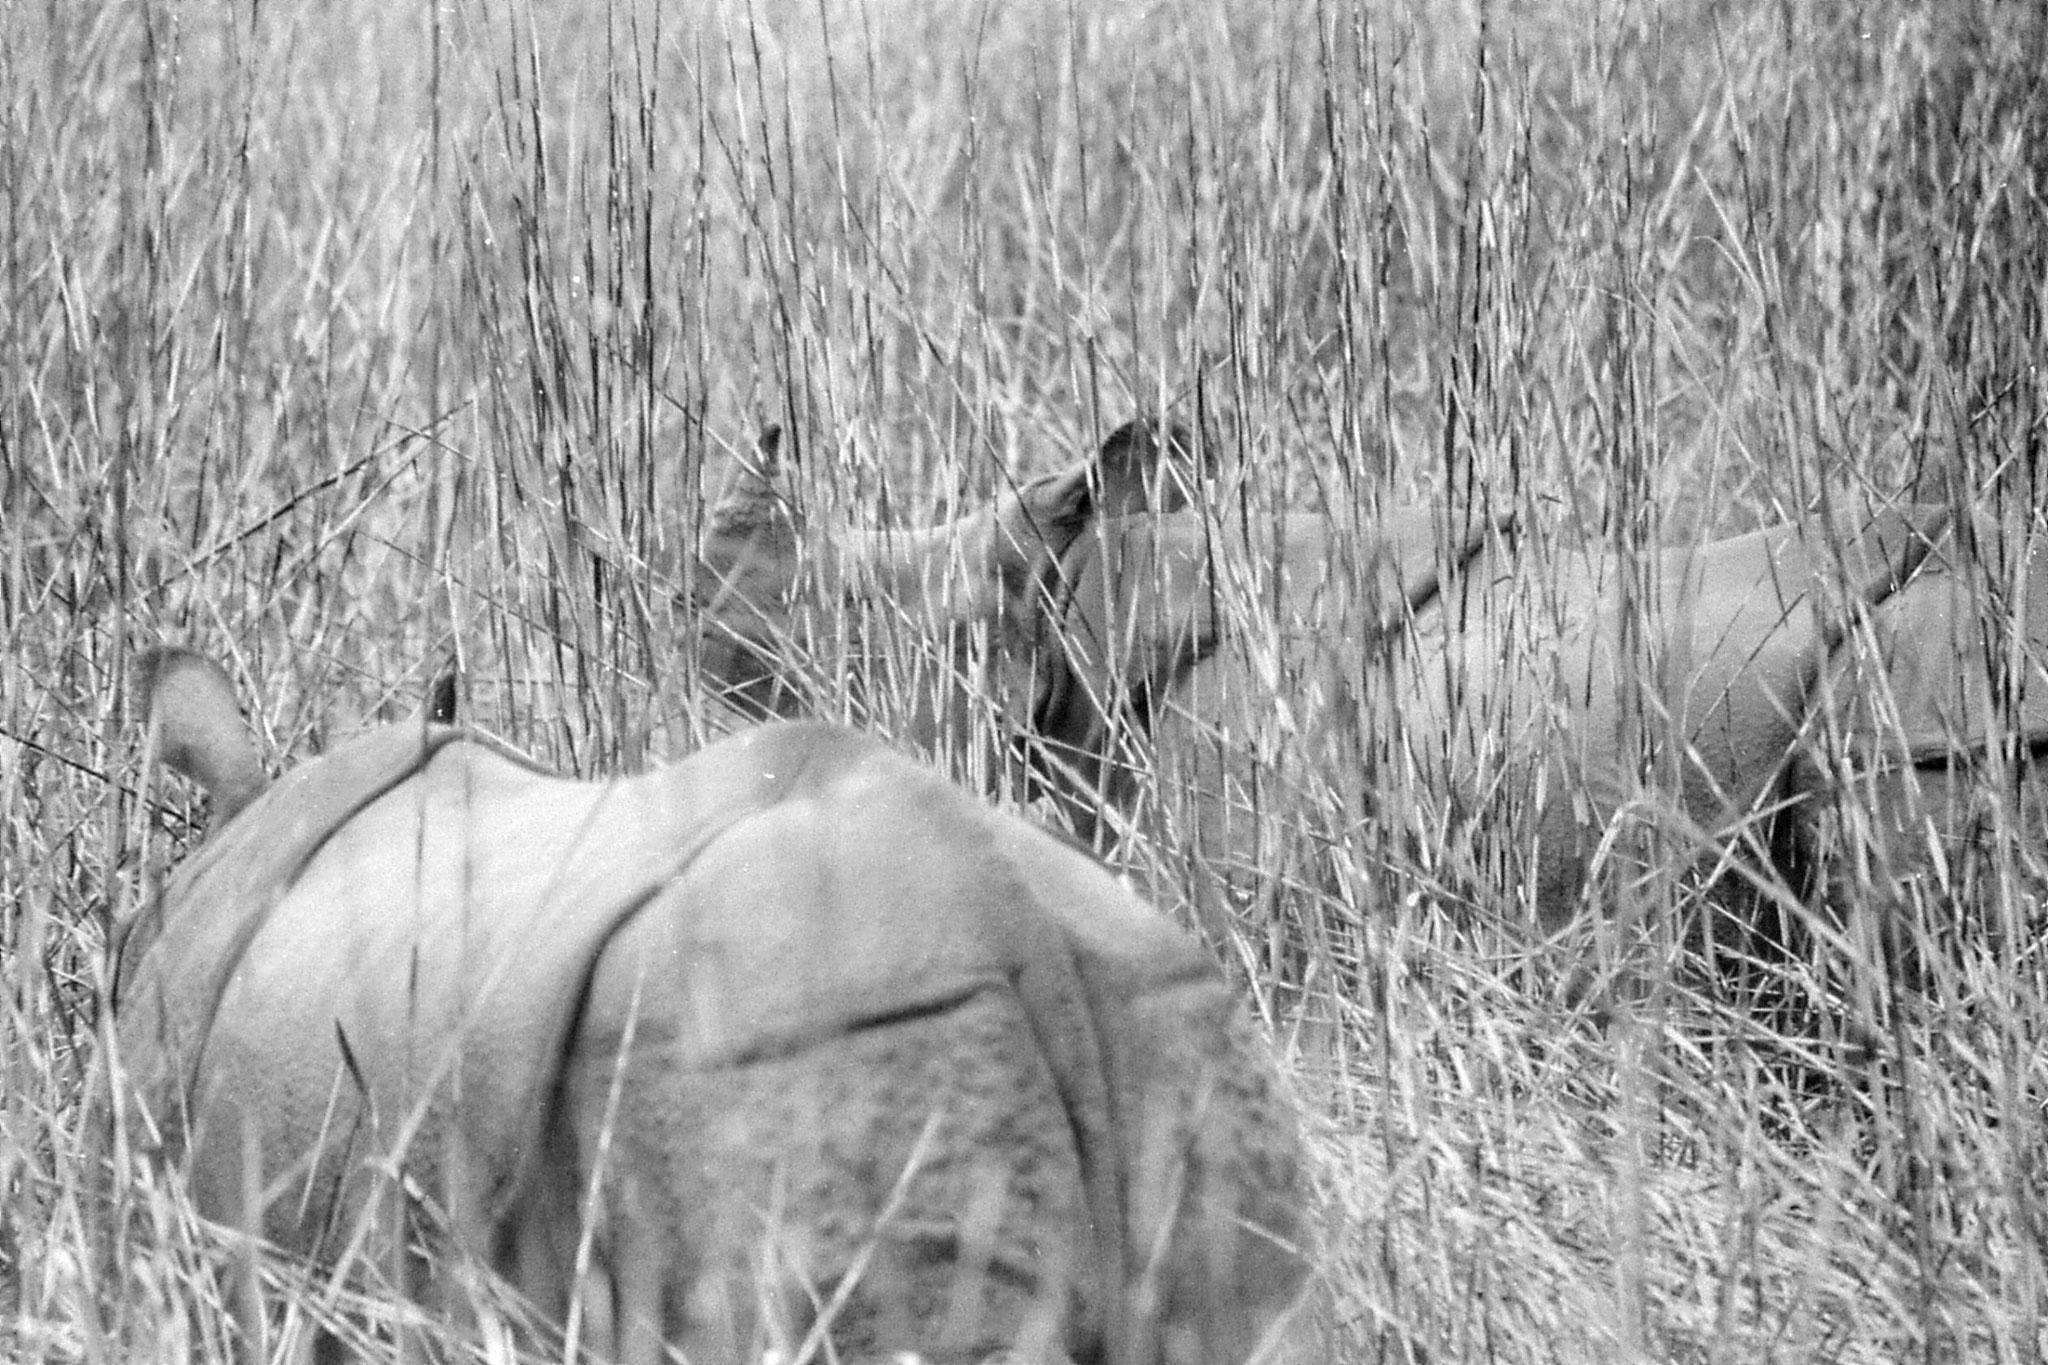 9/4/1990: 25: Kaziranga Indian One Horned Rhino